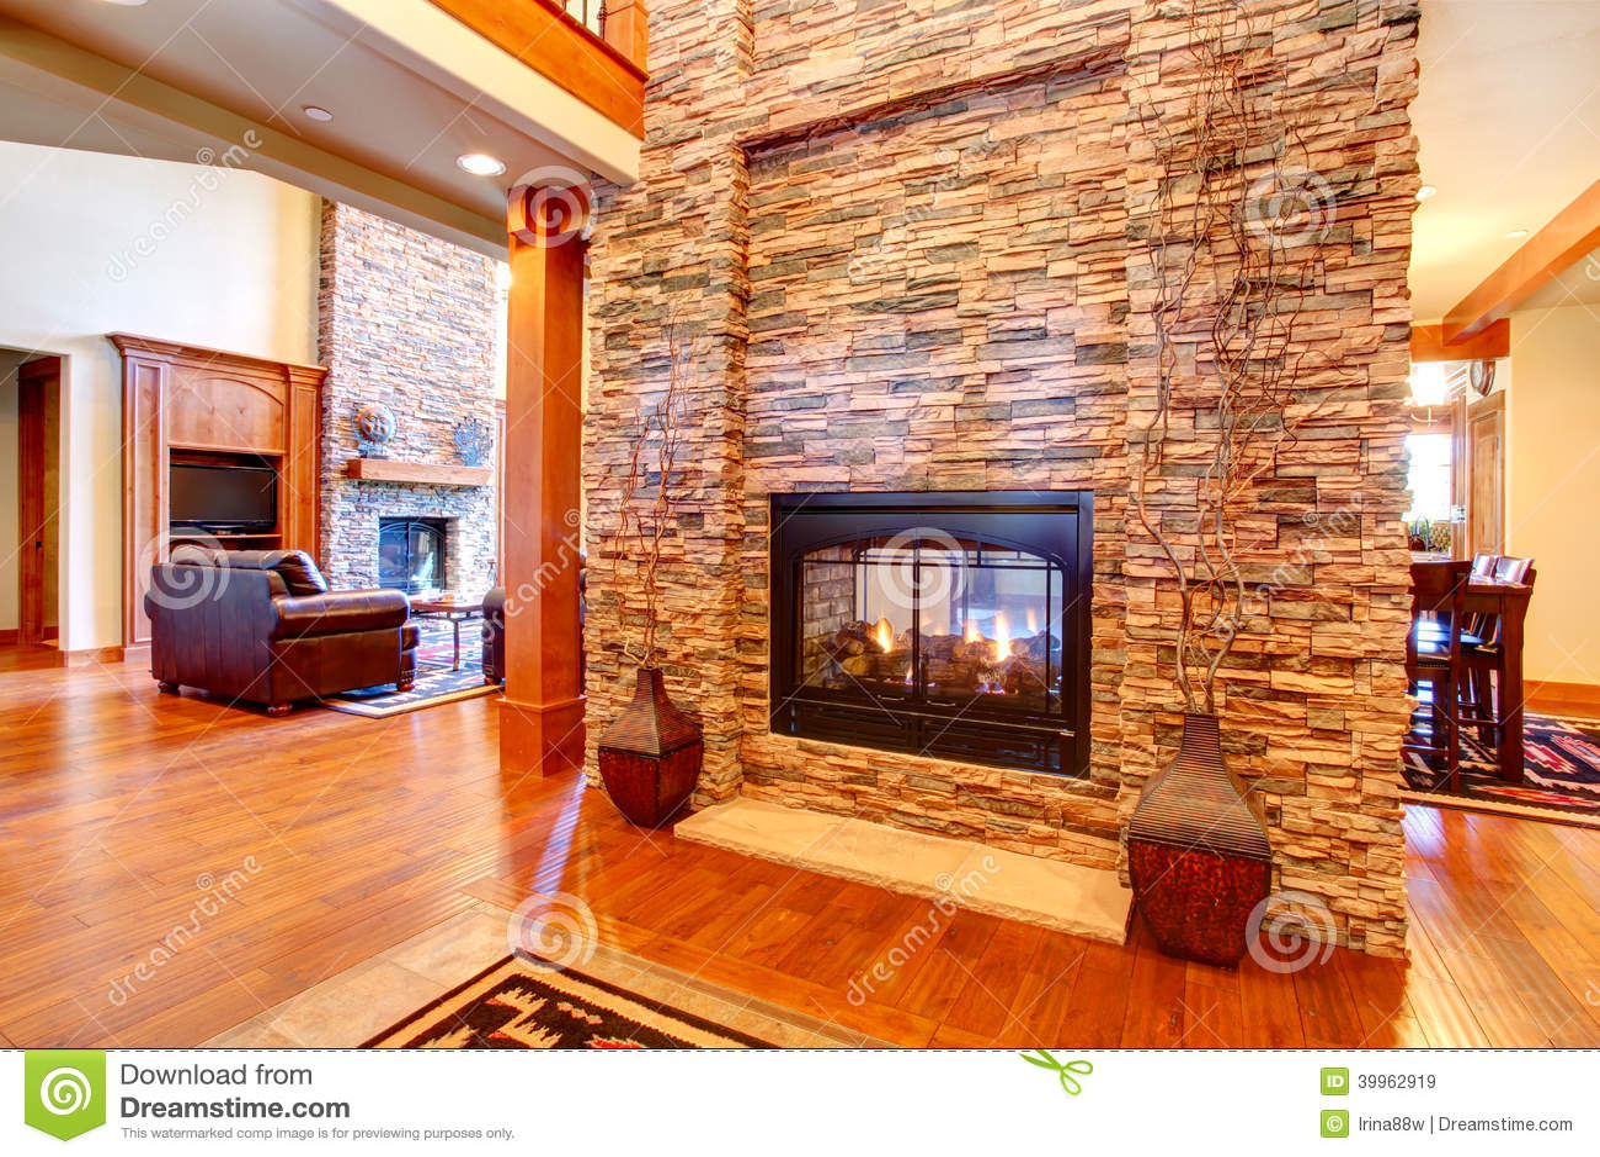 Int rieur de luxe de maison mur en pierre avec la chemin e image stock image du lumi re - Cheminee interieur maison ...